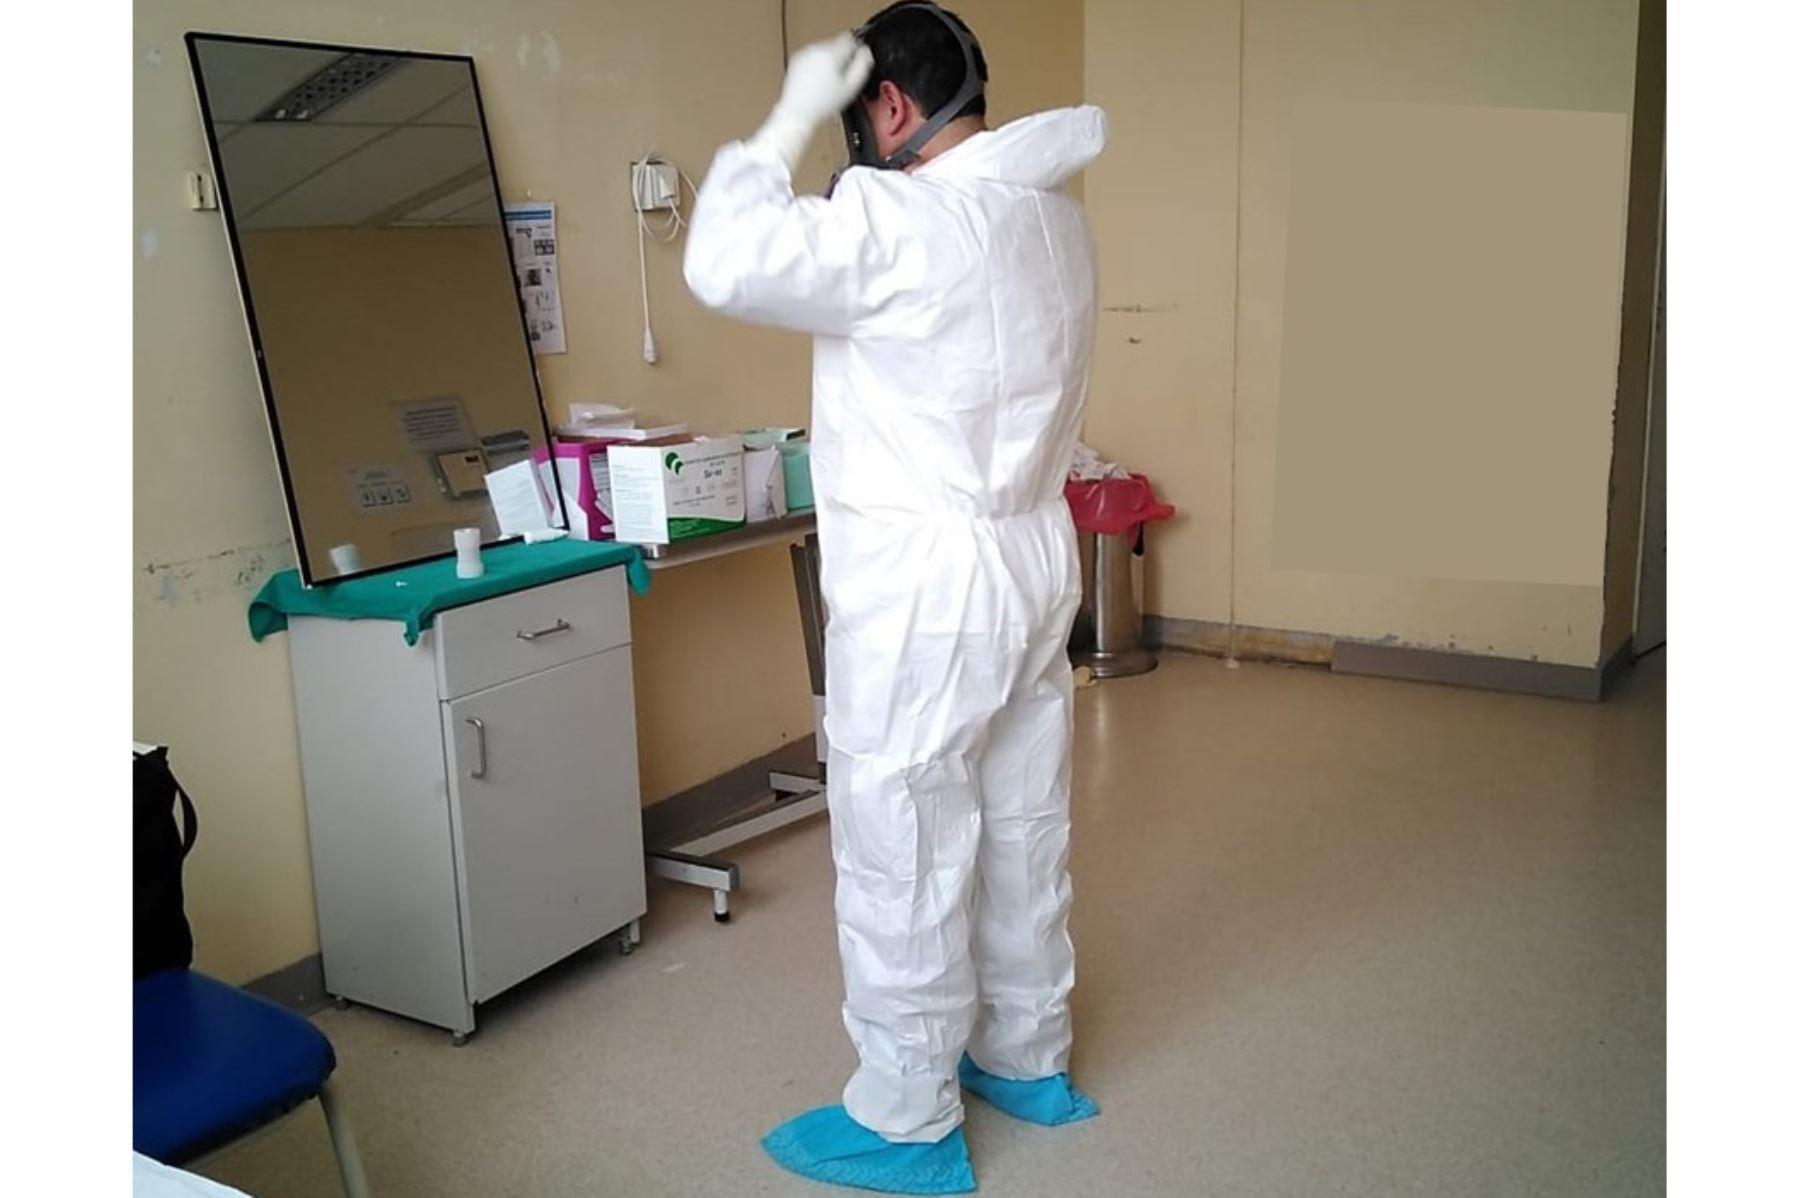 Nuevo lote de equipos de protección personal, pruebas rápidas y medicamentos recibió Lambayeque.Foto: ANDINA/Difusión